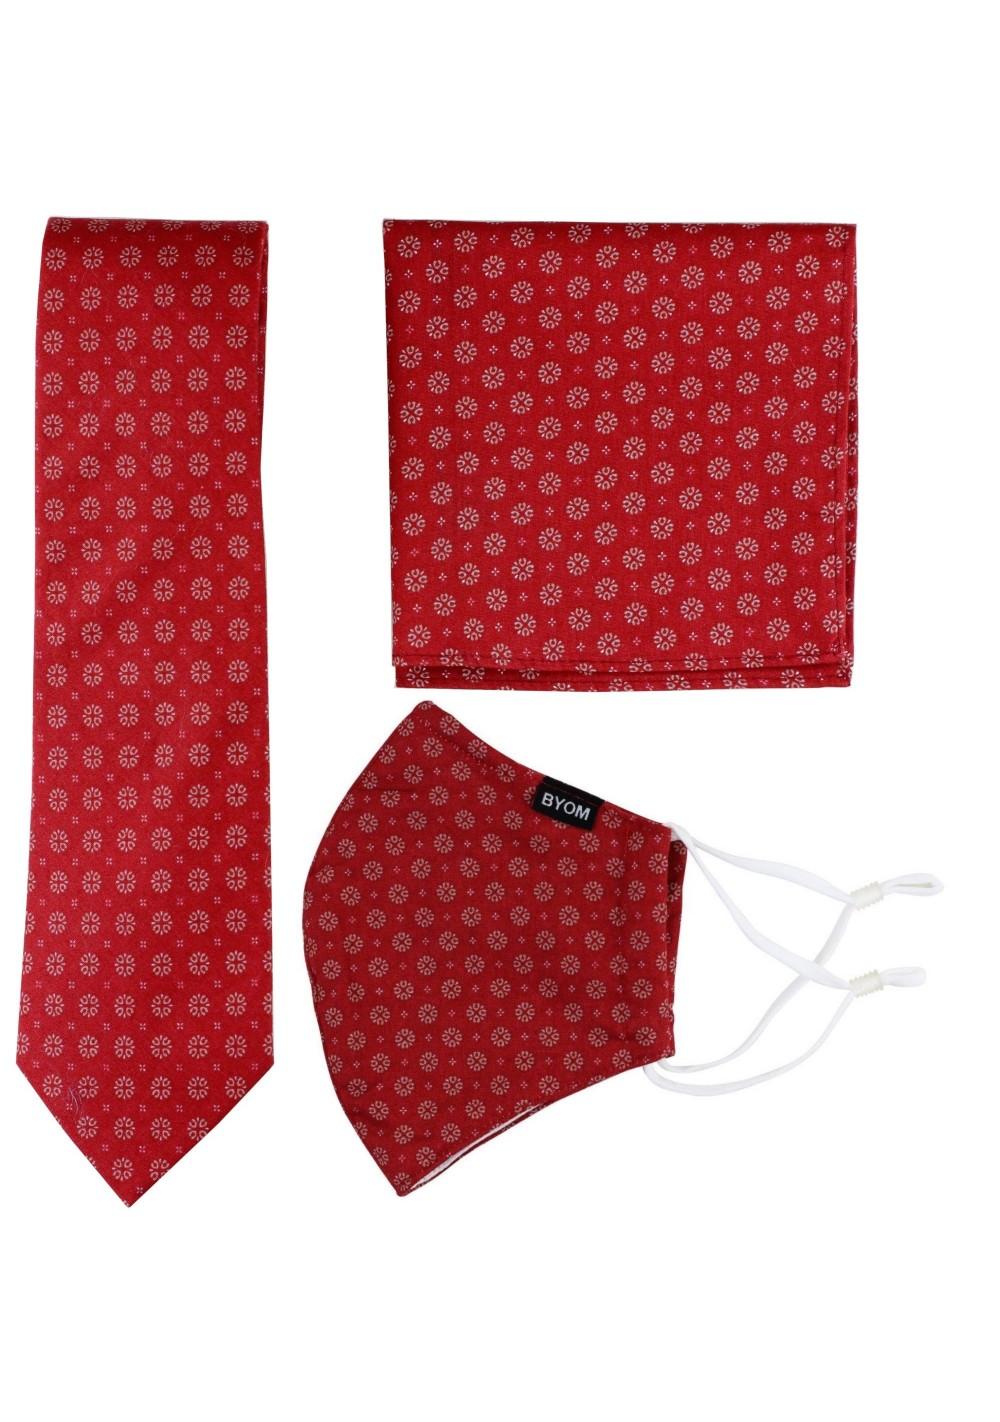 Vintage Design Necktie + Face Mask Set in Cherry Red